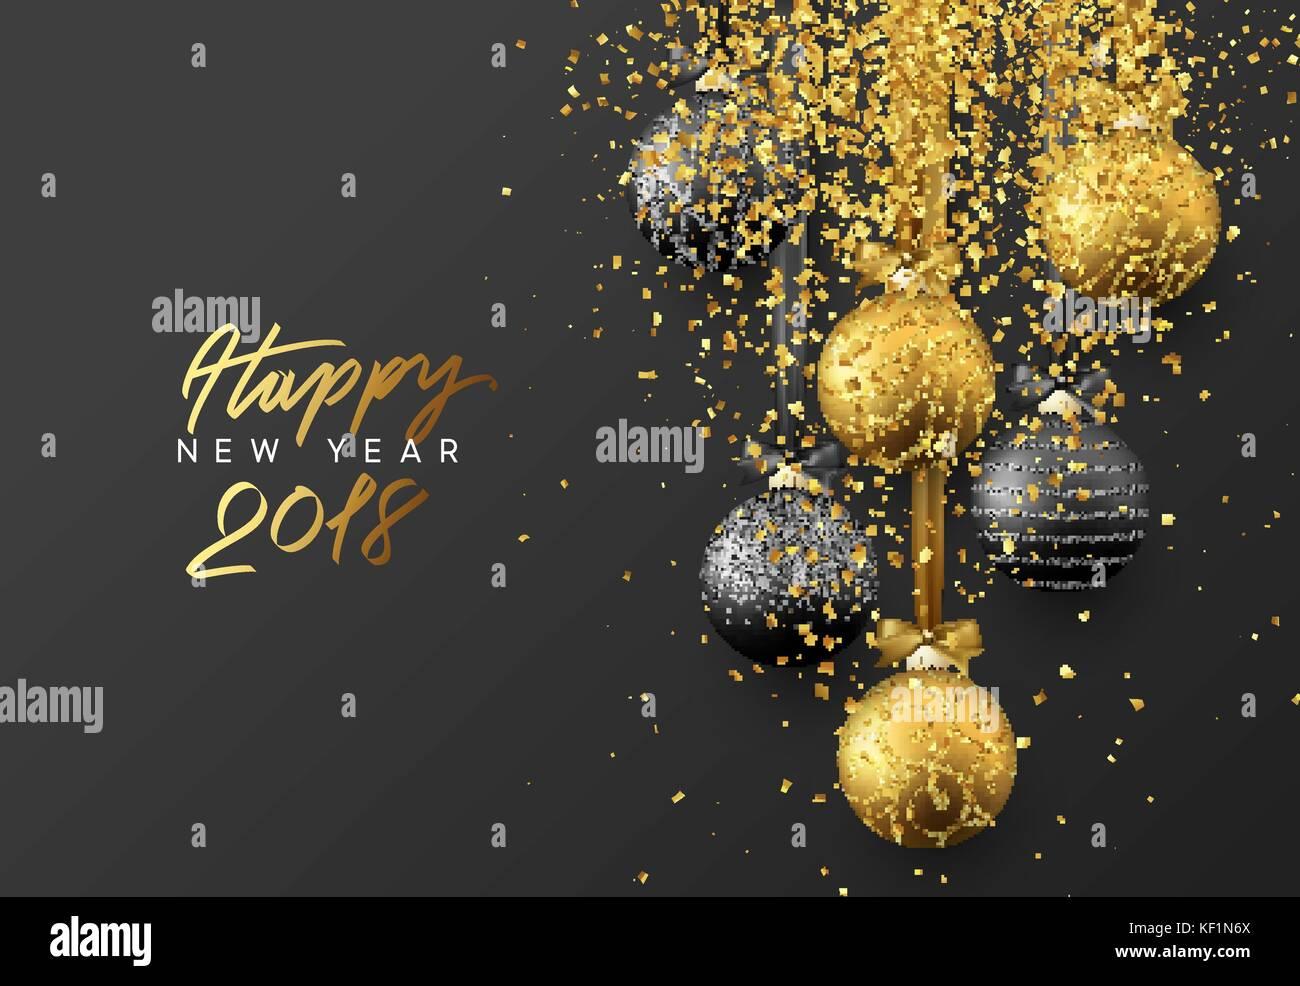 Frohes neues Jahr 2018. Weihnachten Grußkarte, Gestaltung von ...